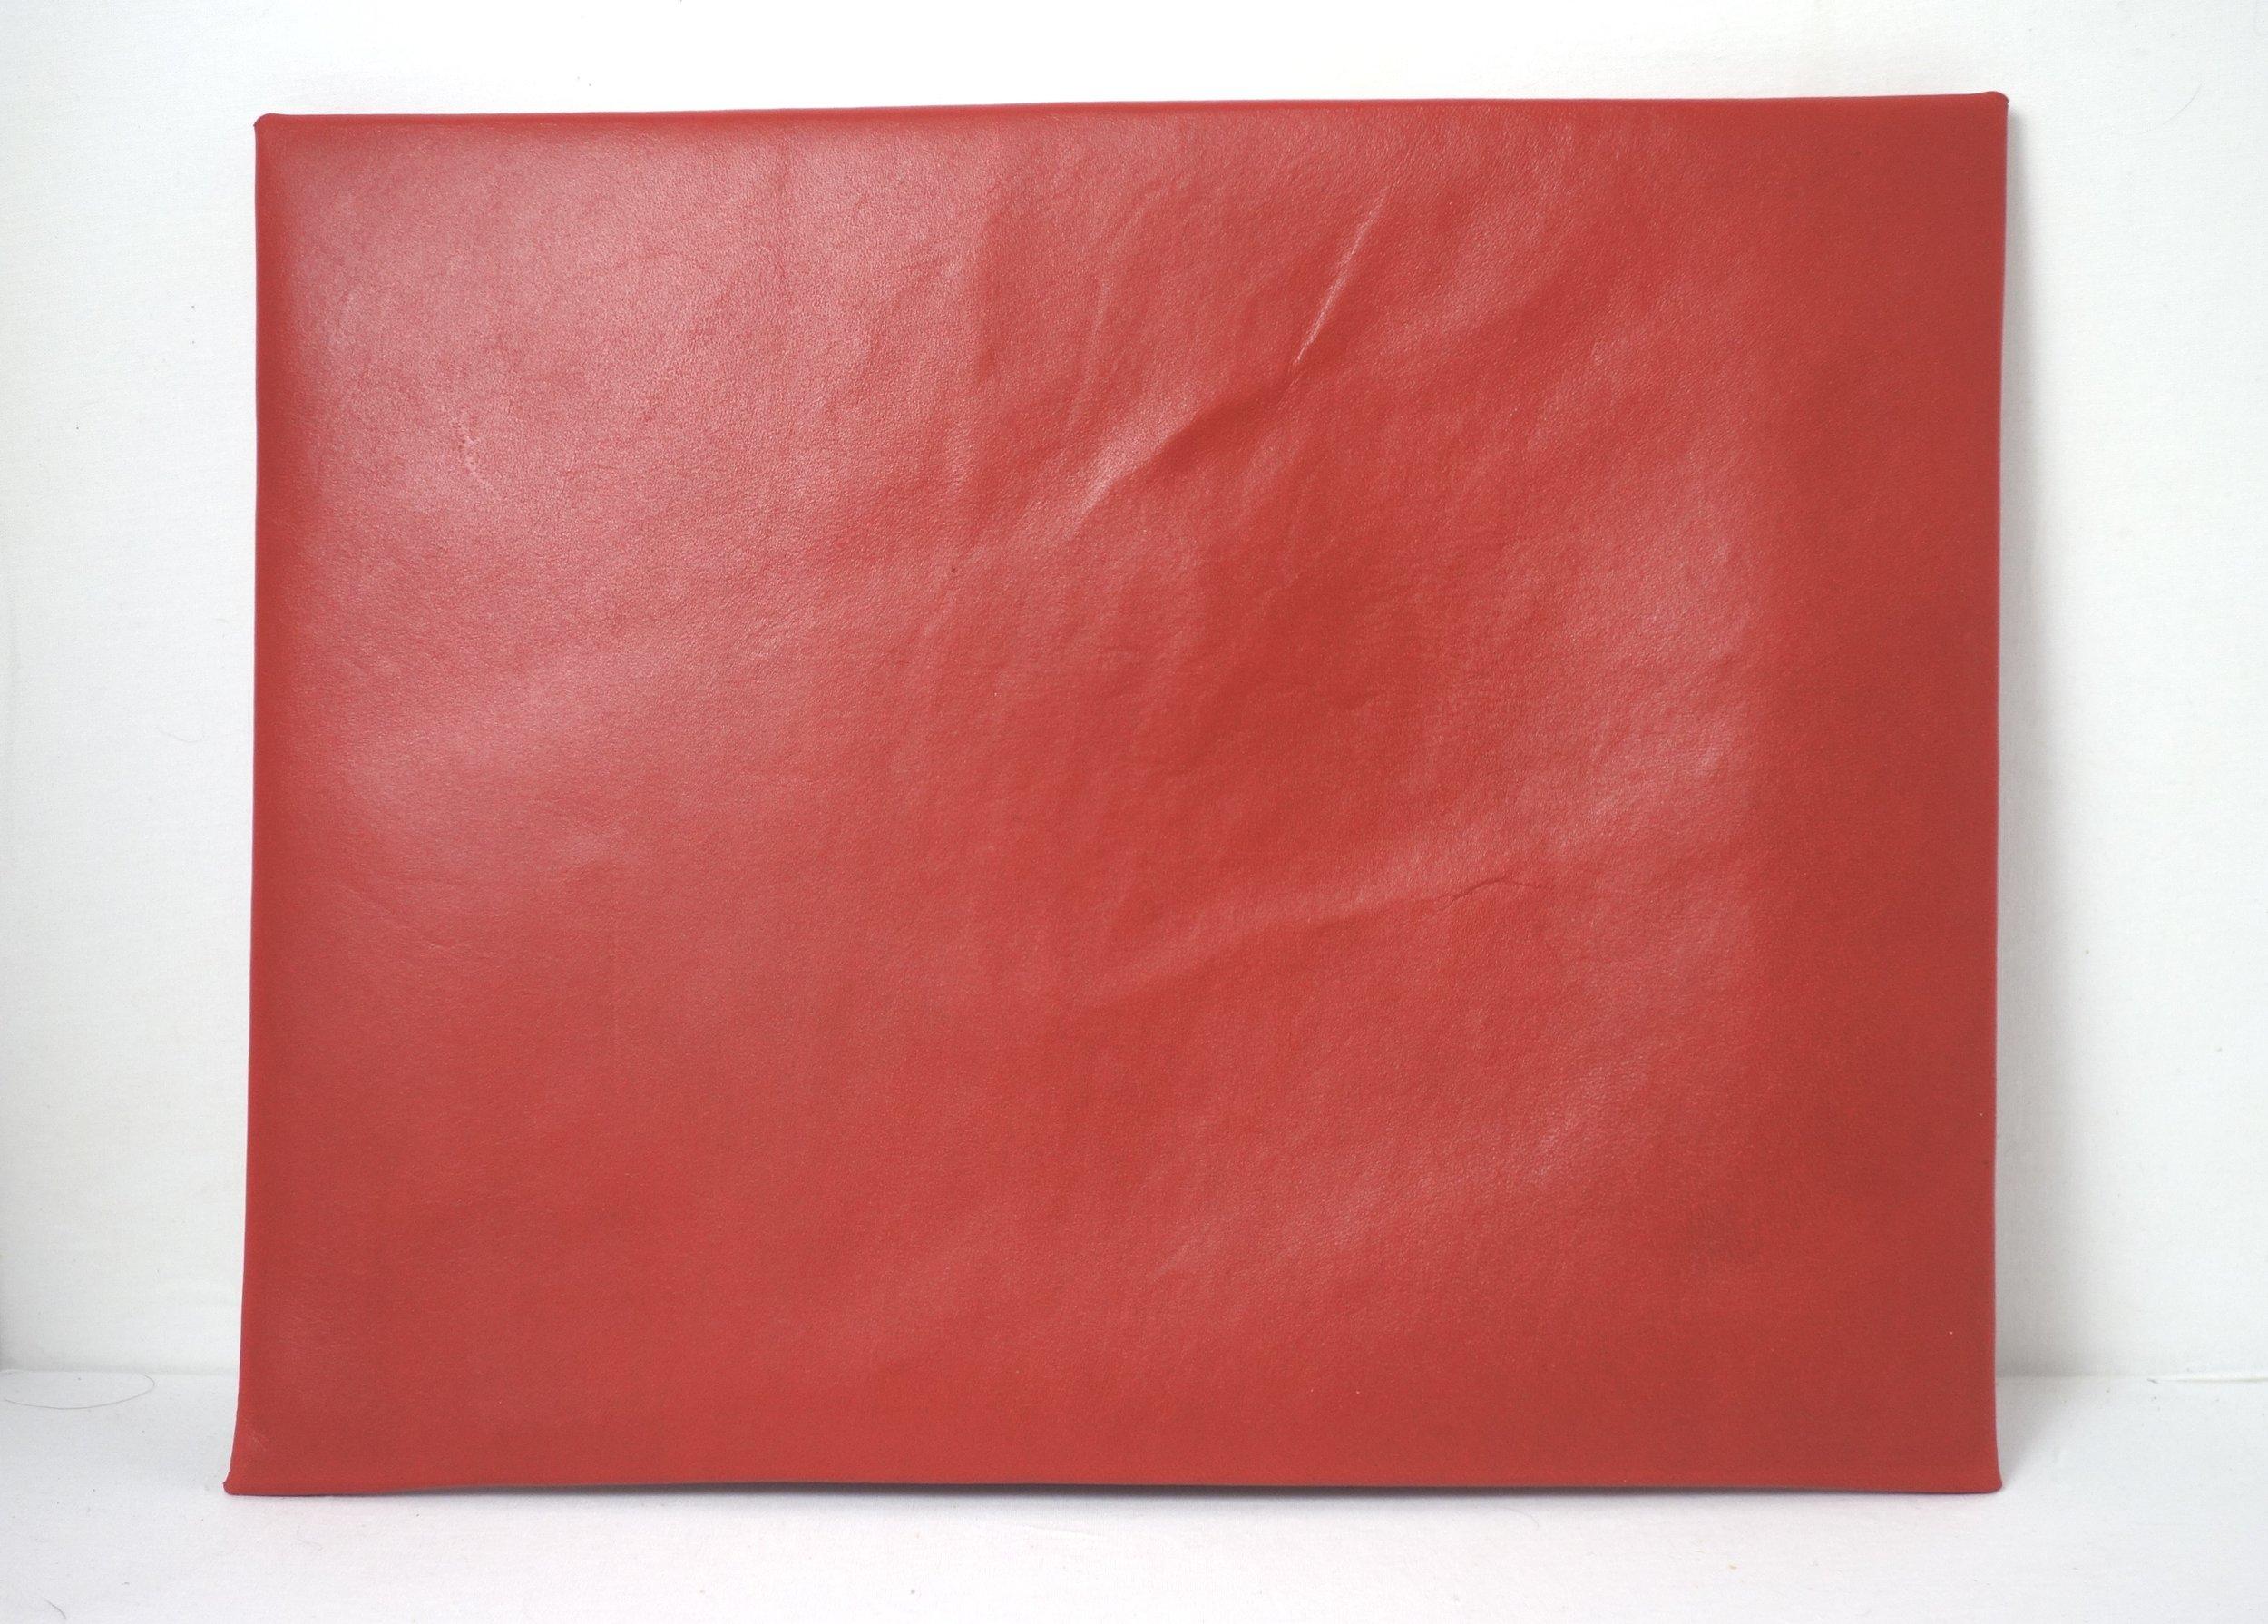 T&C Mouse-red-folder-back.jpg